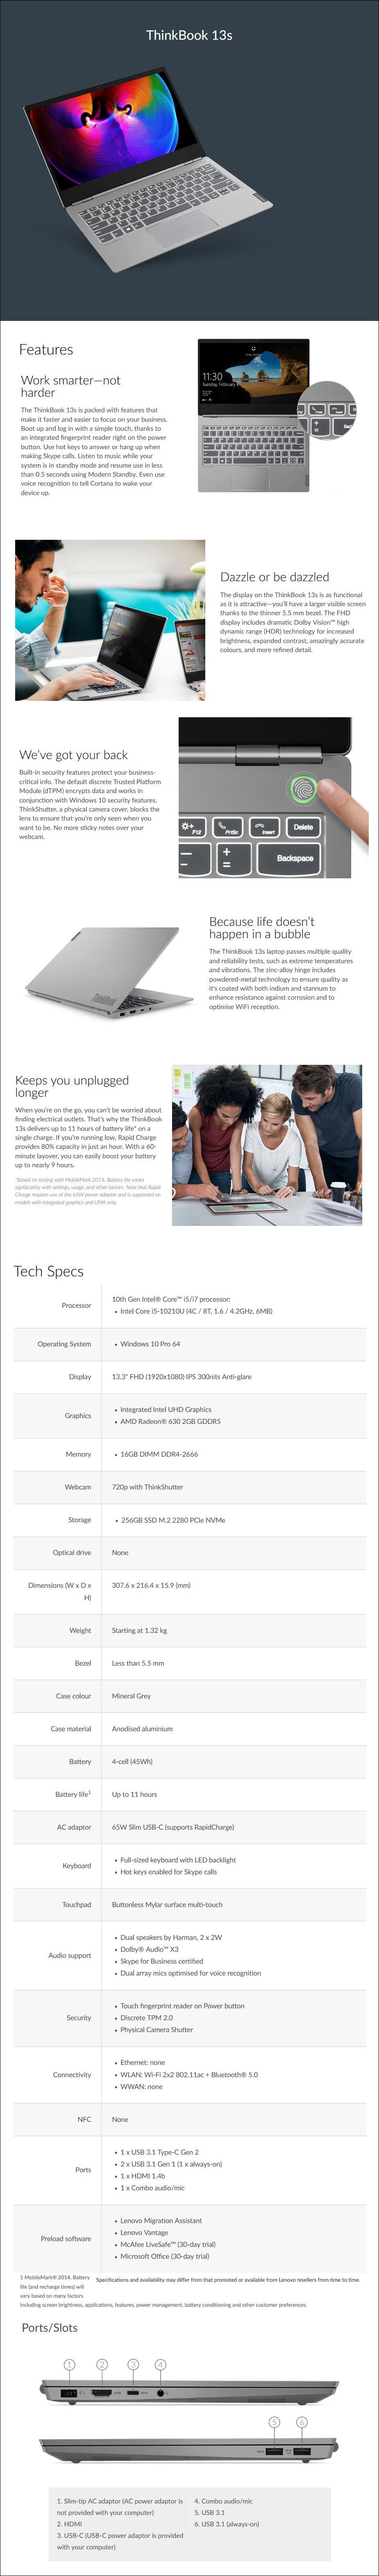 lenovo-thinkbook-13s-1a33-laptop-i510210u-16gb-256gb-ssd-w10p-ac34059-3.jpg